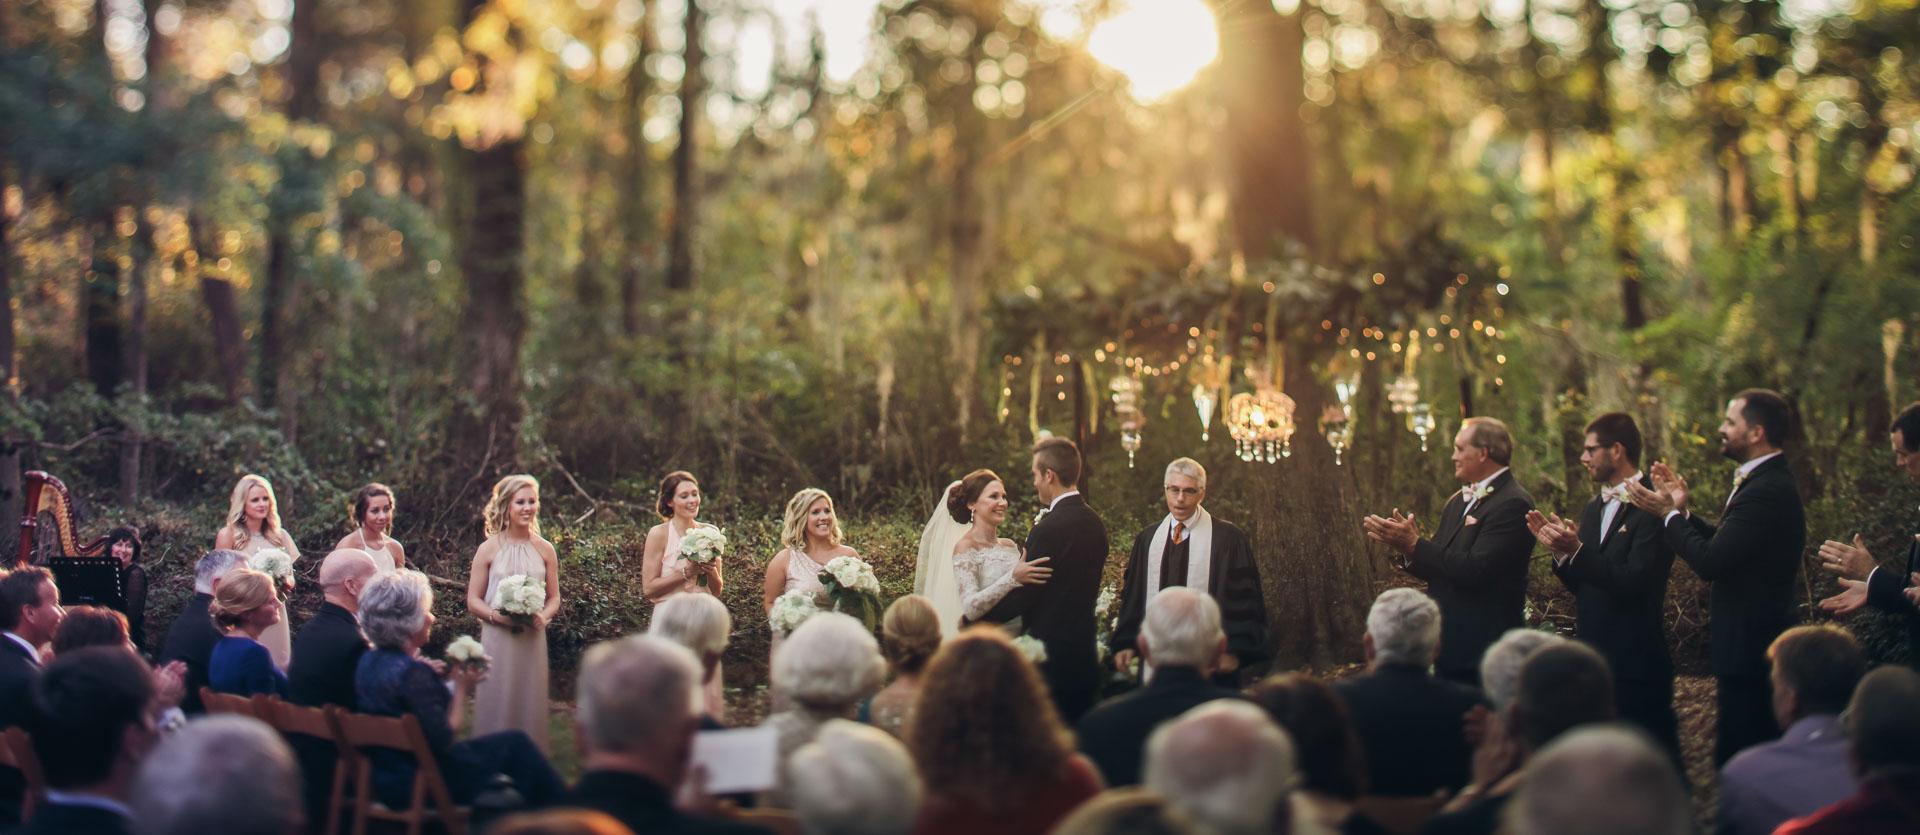 bedenbaugh-ceremony